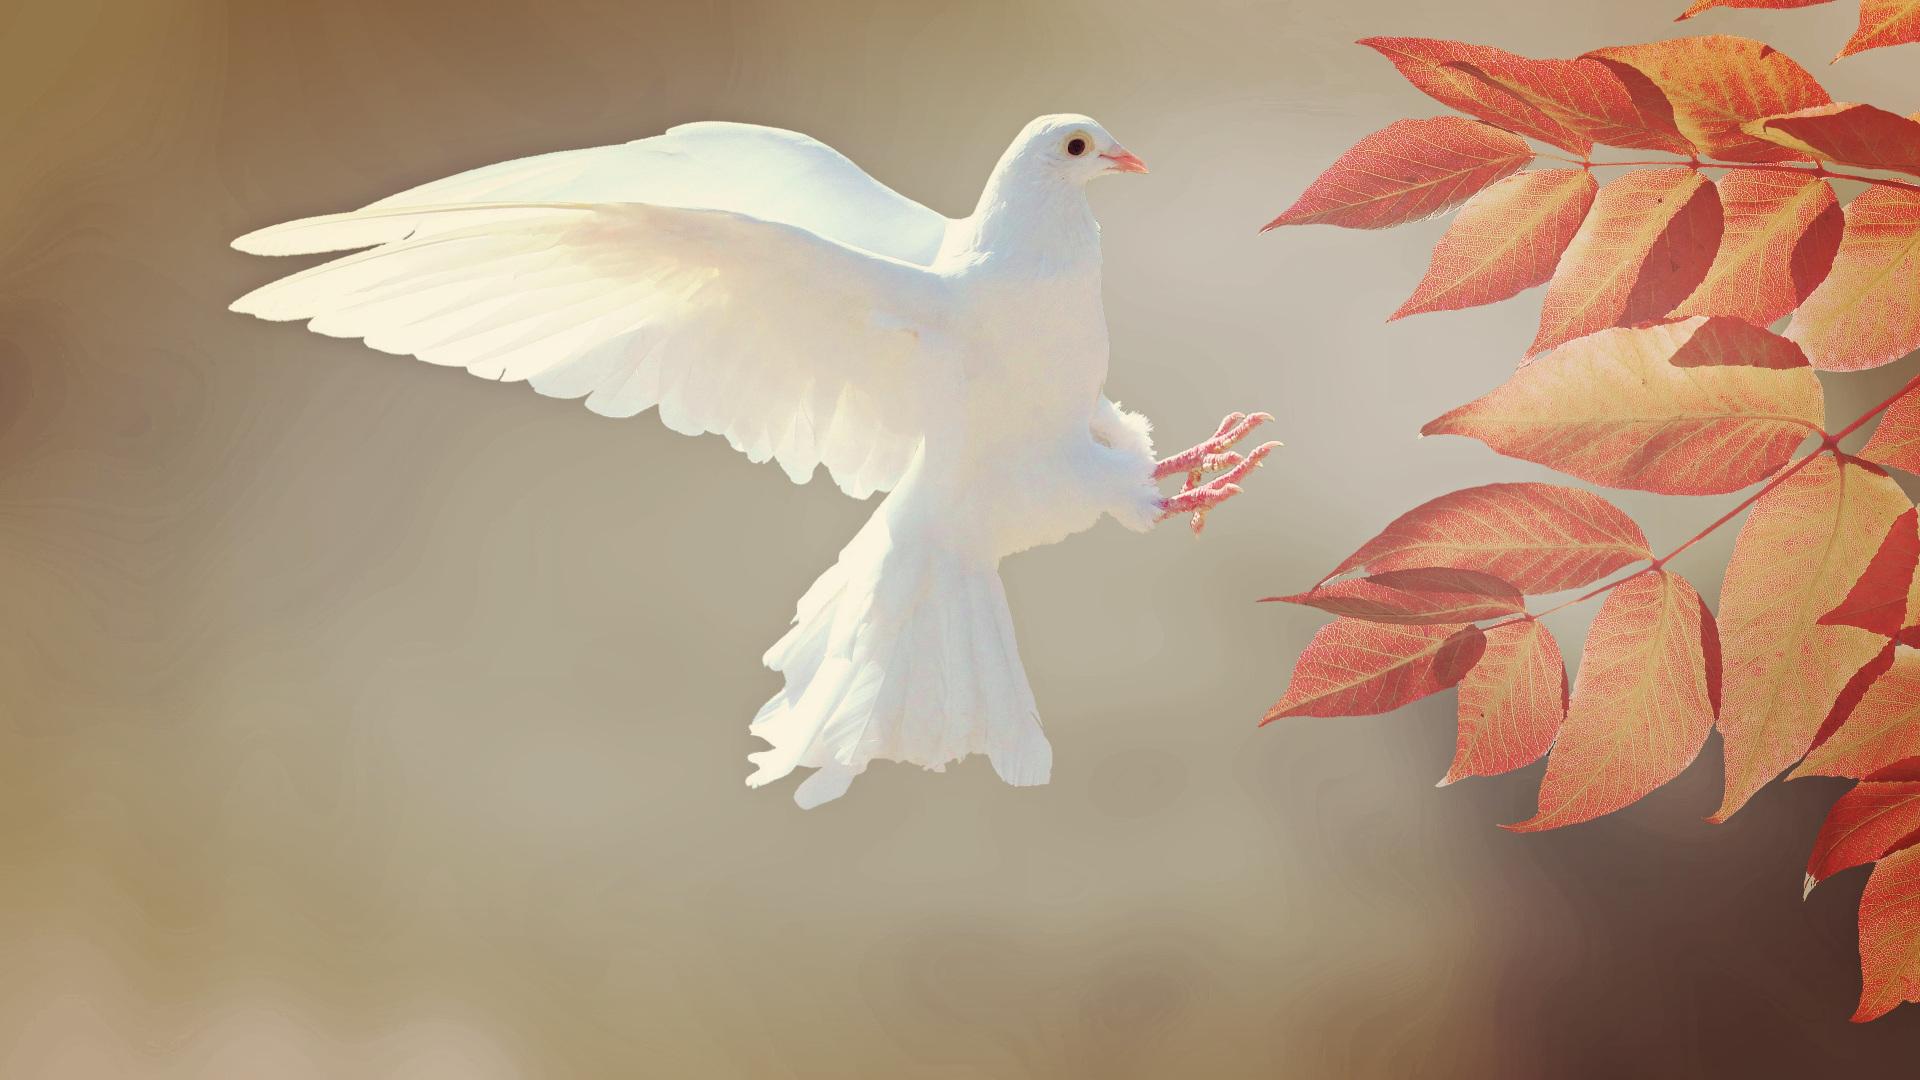 Taube als Zeichen des Friedens | © pixabay.com CCO